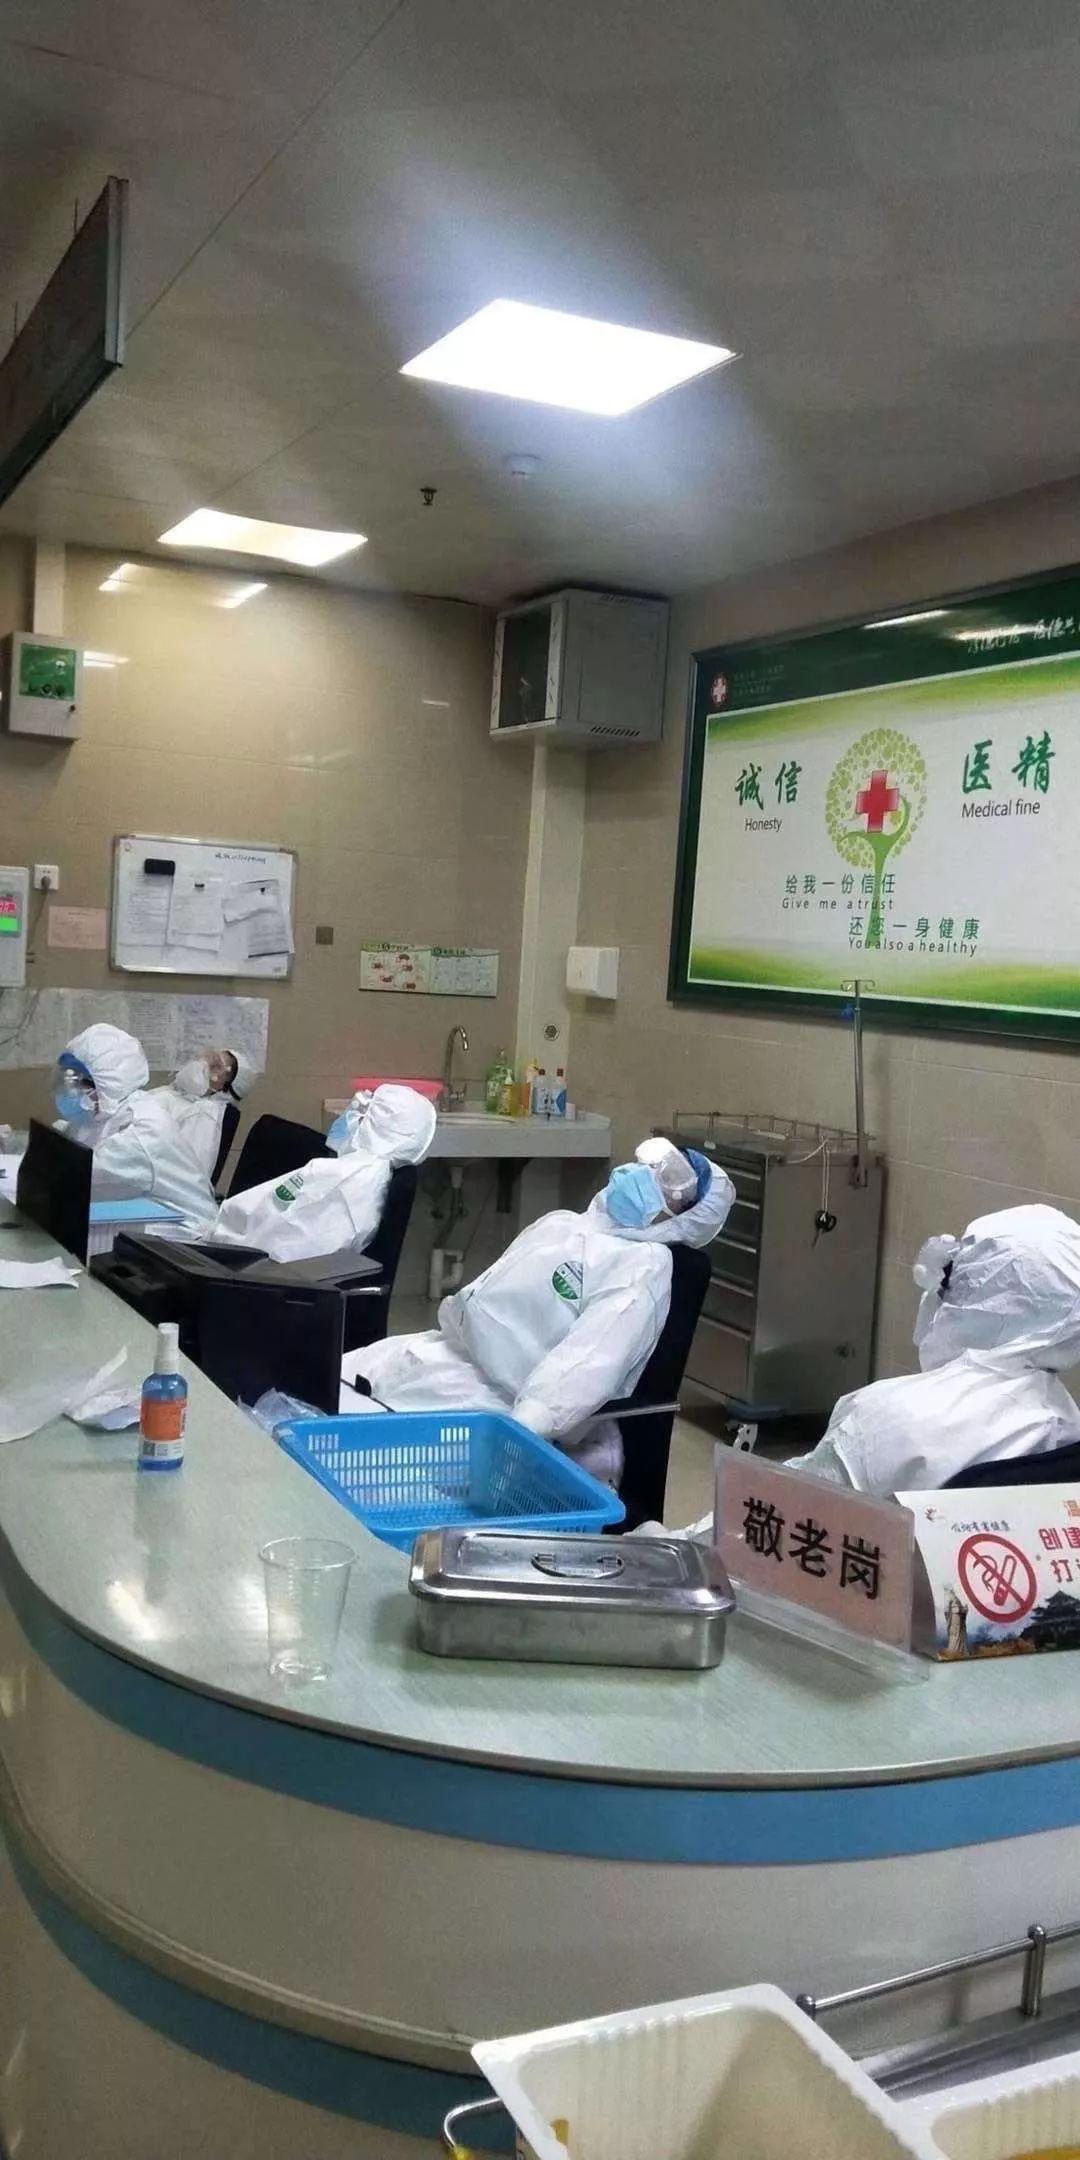 医护人员在靠椅上短暂小憩